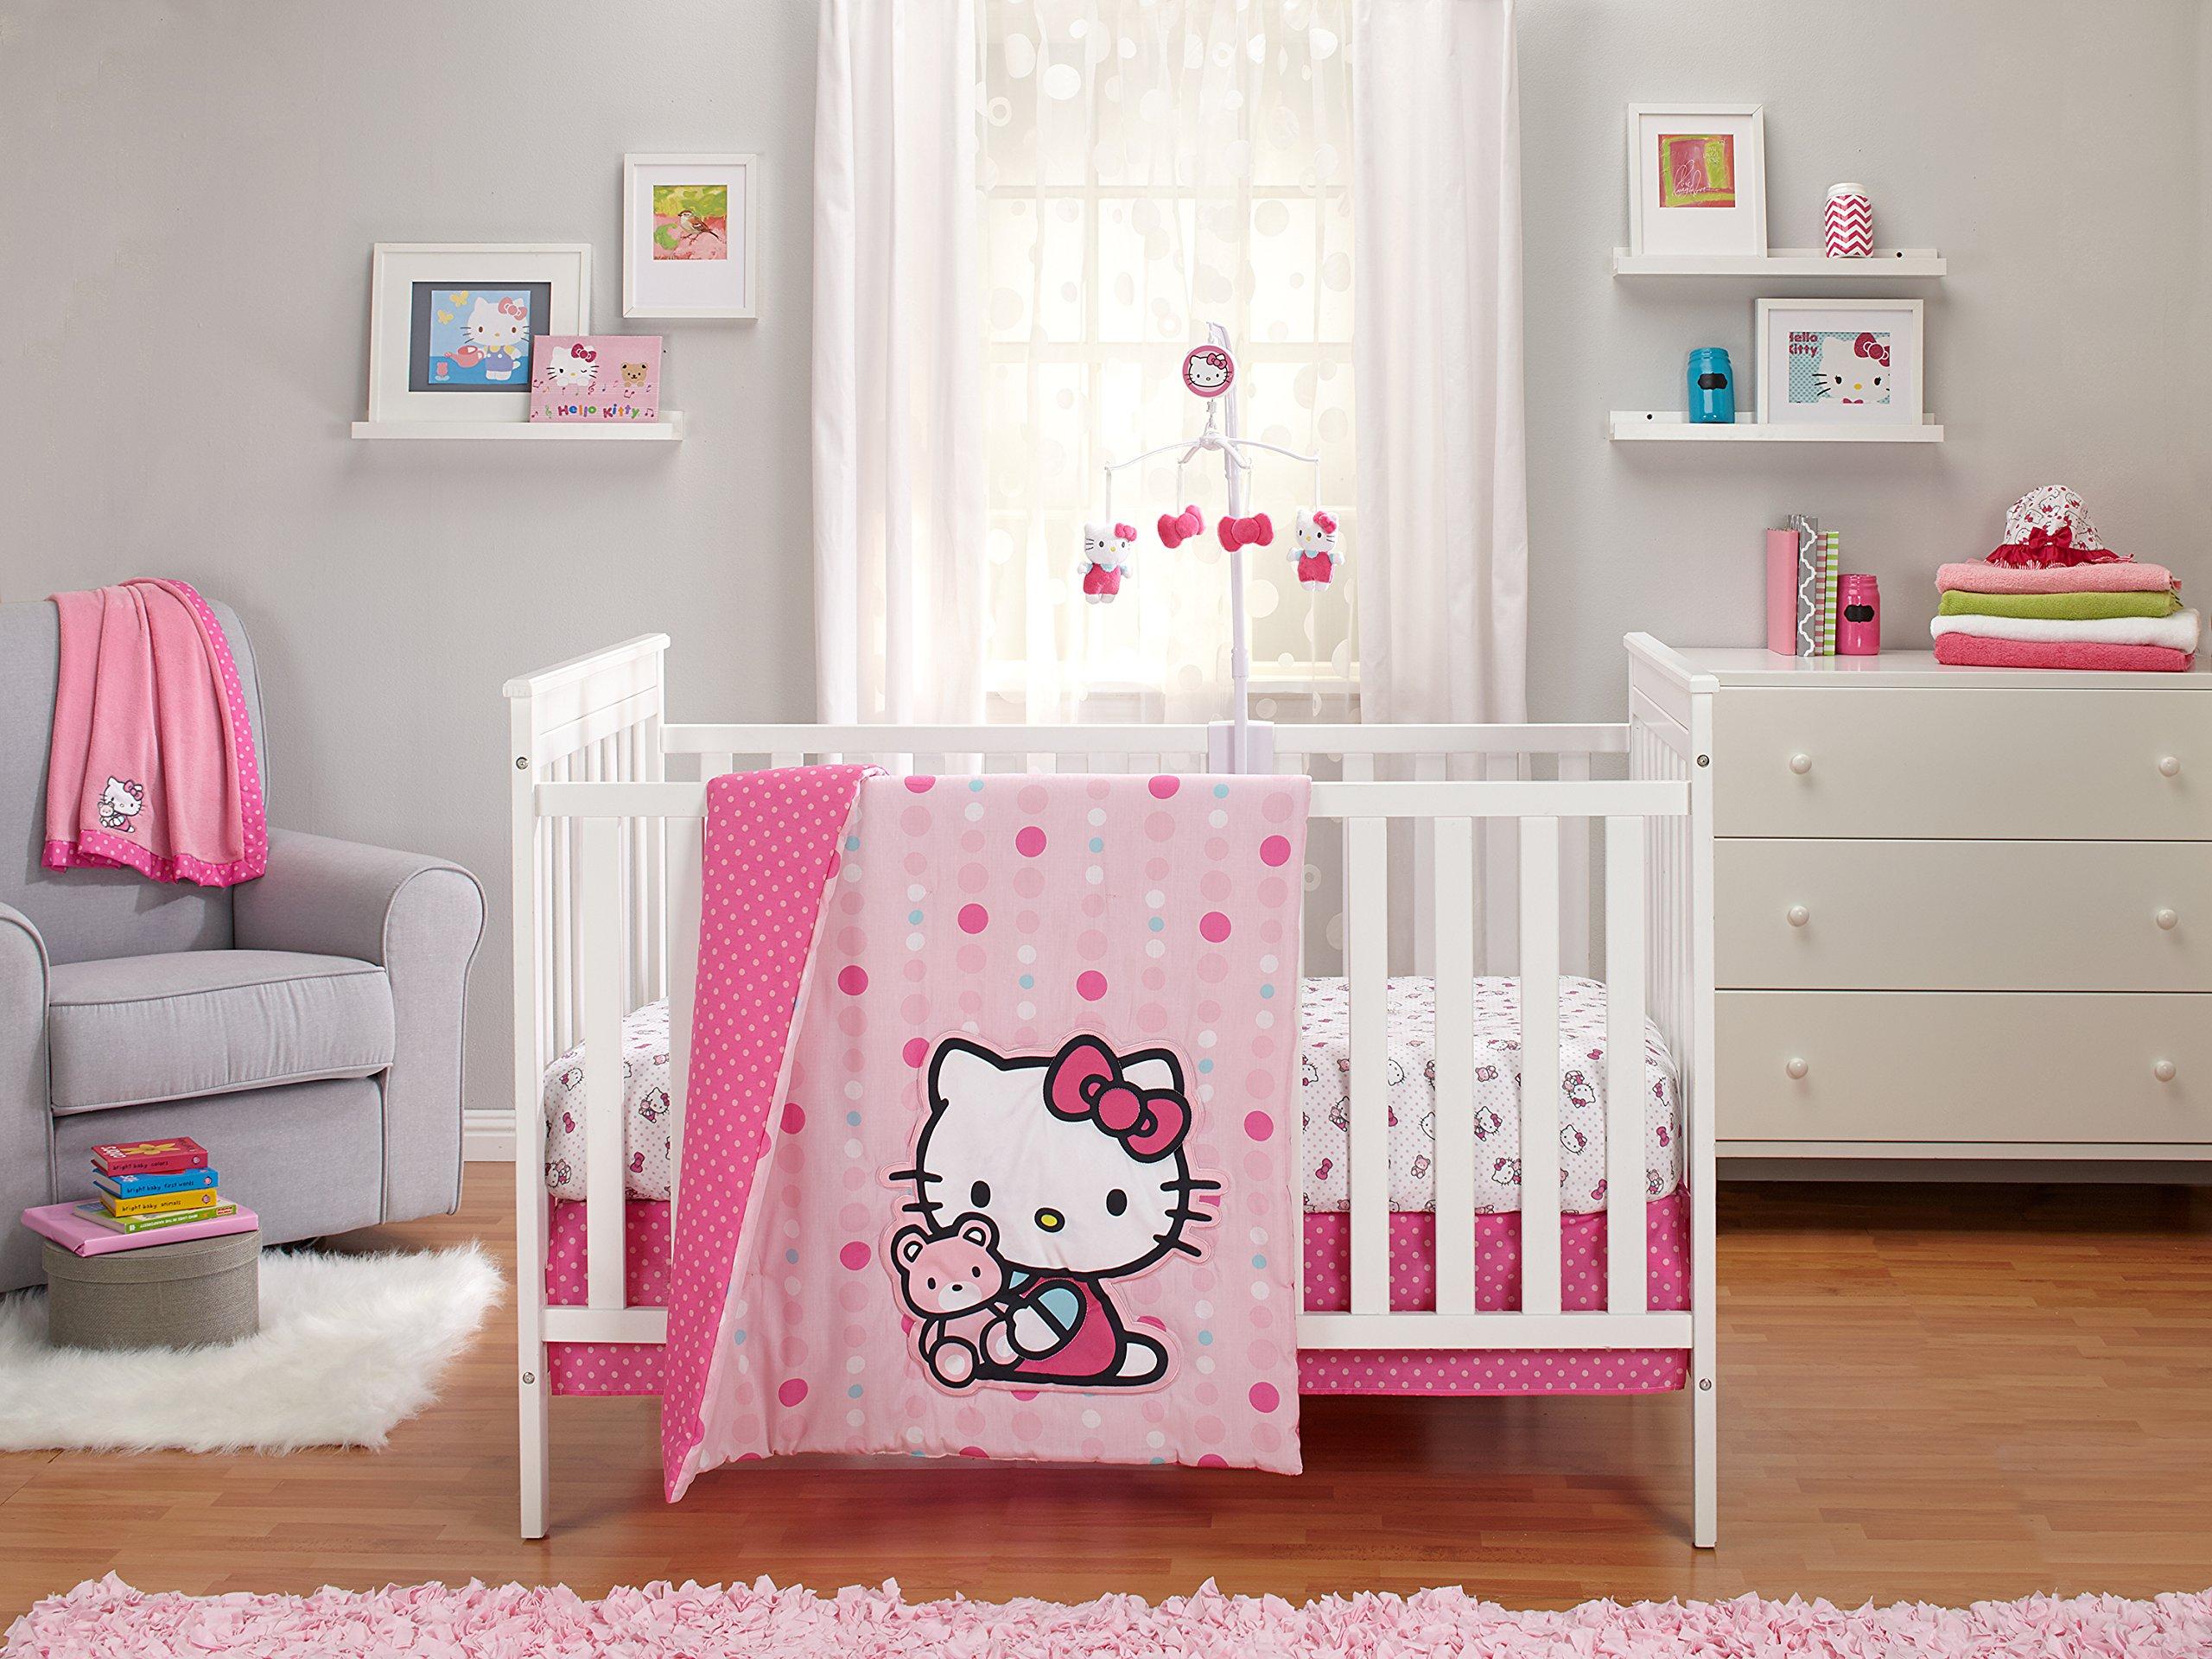 Sanrio Hello Kitty Cute as A Button 3 Piece Crib Bedding Set, Pink/White